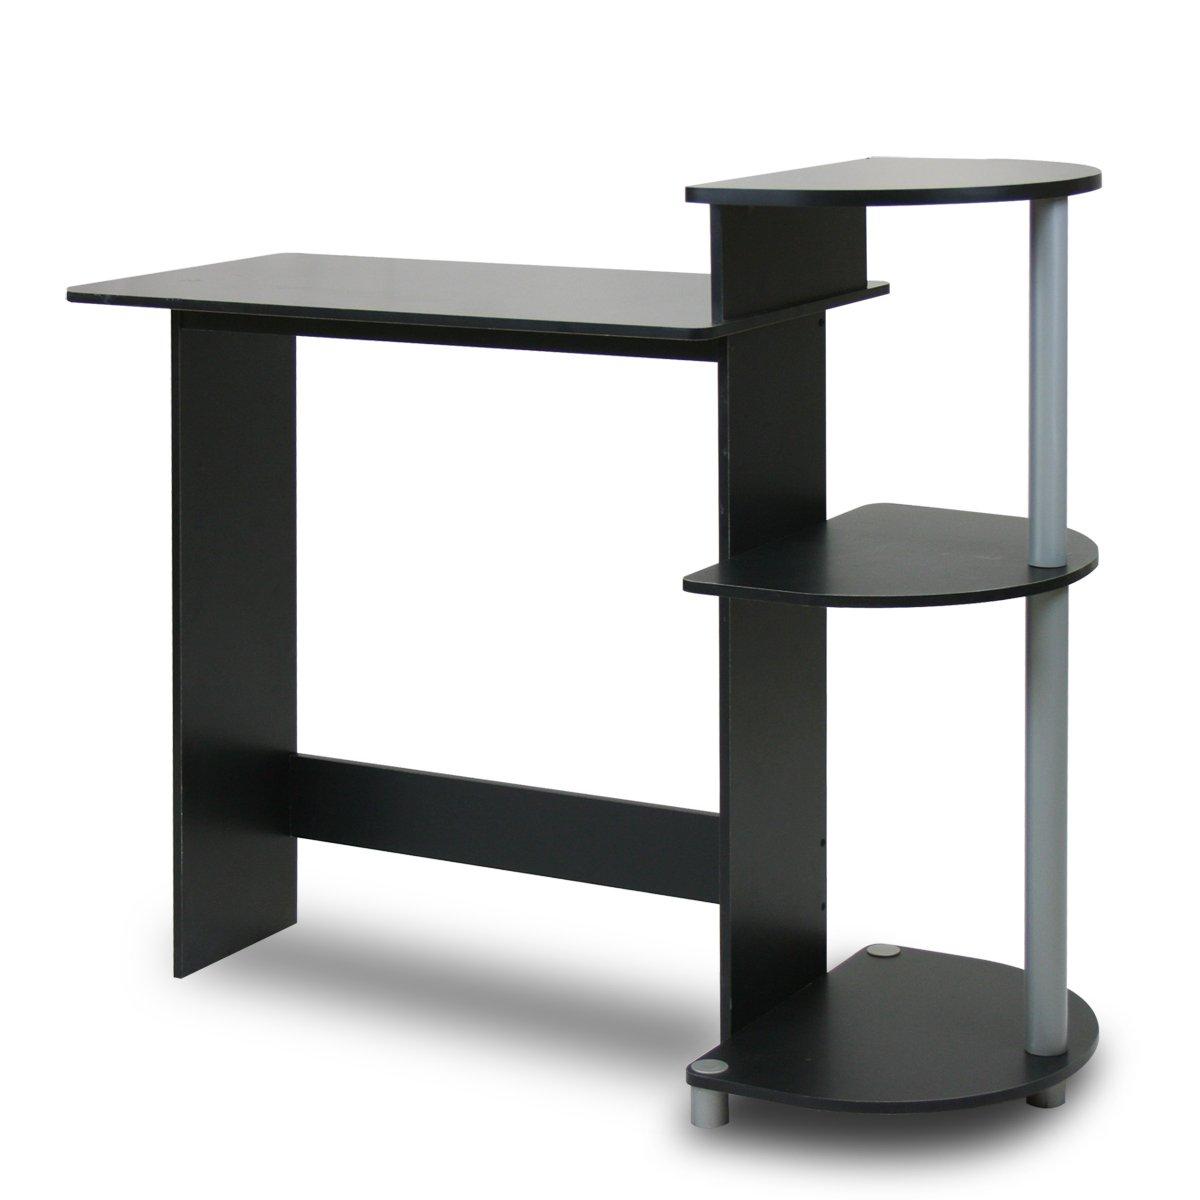 Furinno 11181BK/GY Compact Computer Desk, Black/Grey